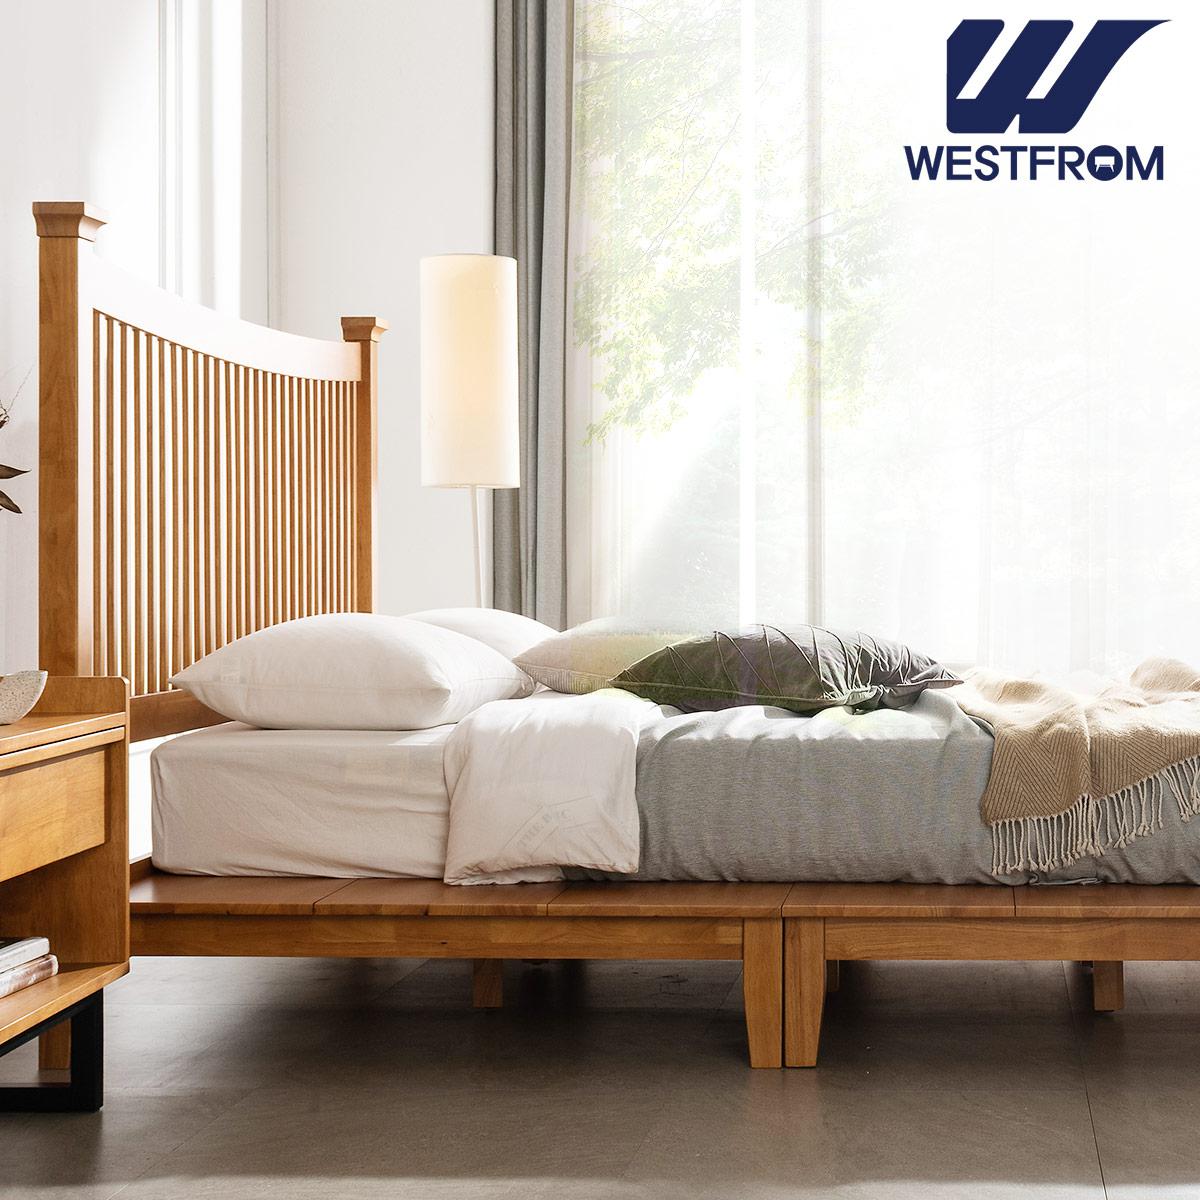 [웨스트프롬] 모던 마가렛) 고무나무원목 평상형 침대(라지K) / 텐더 호수 라지K매트리스 / 전국착불